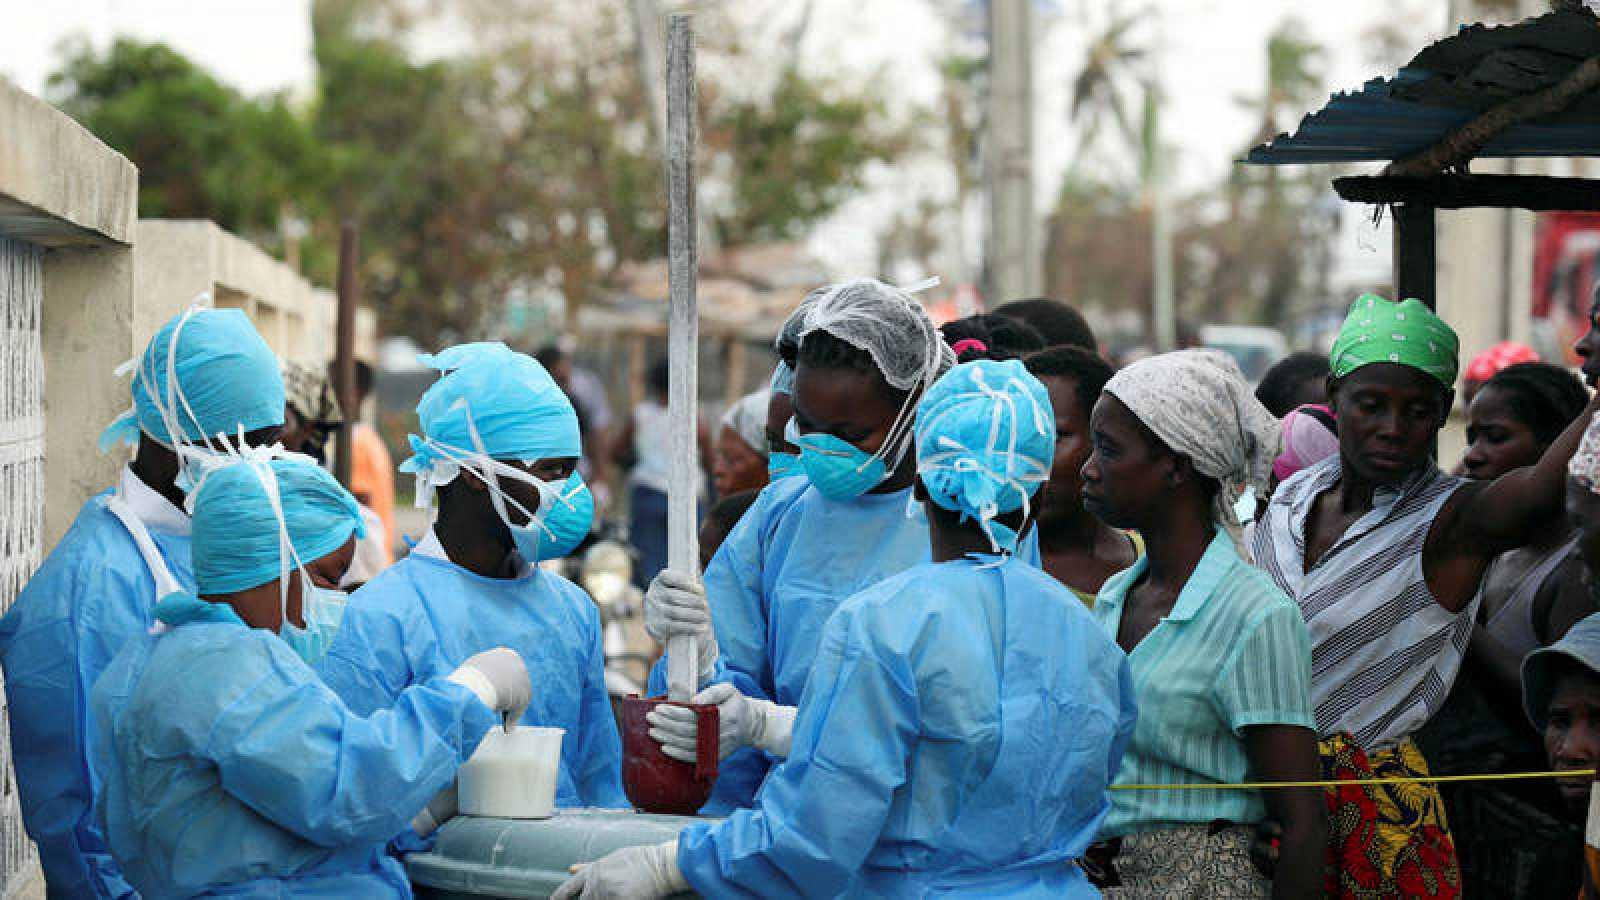 El personal médico mezcla una solución de cloro para su distribución en un centro de salud que trata enfermedades transmitidas por el agua en Beira.